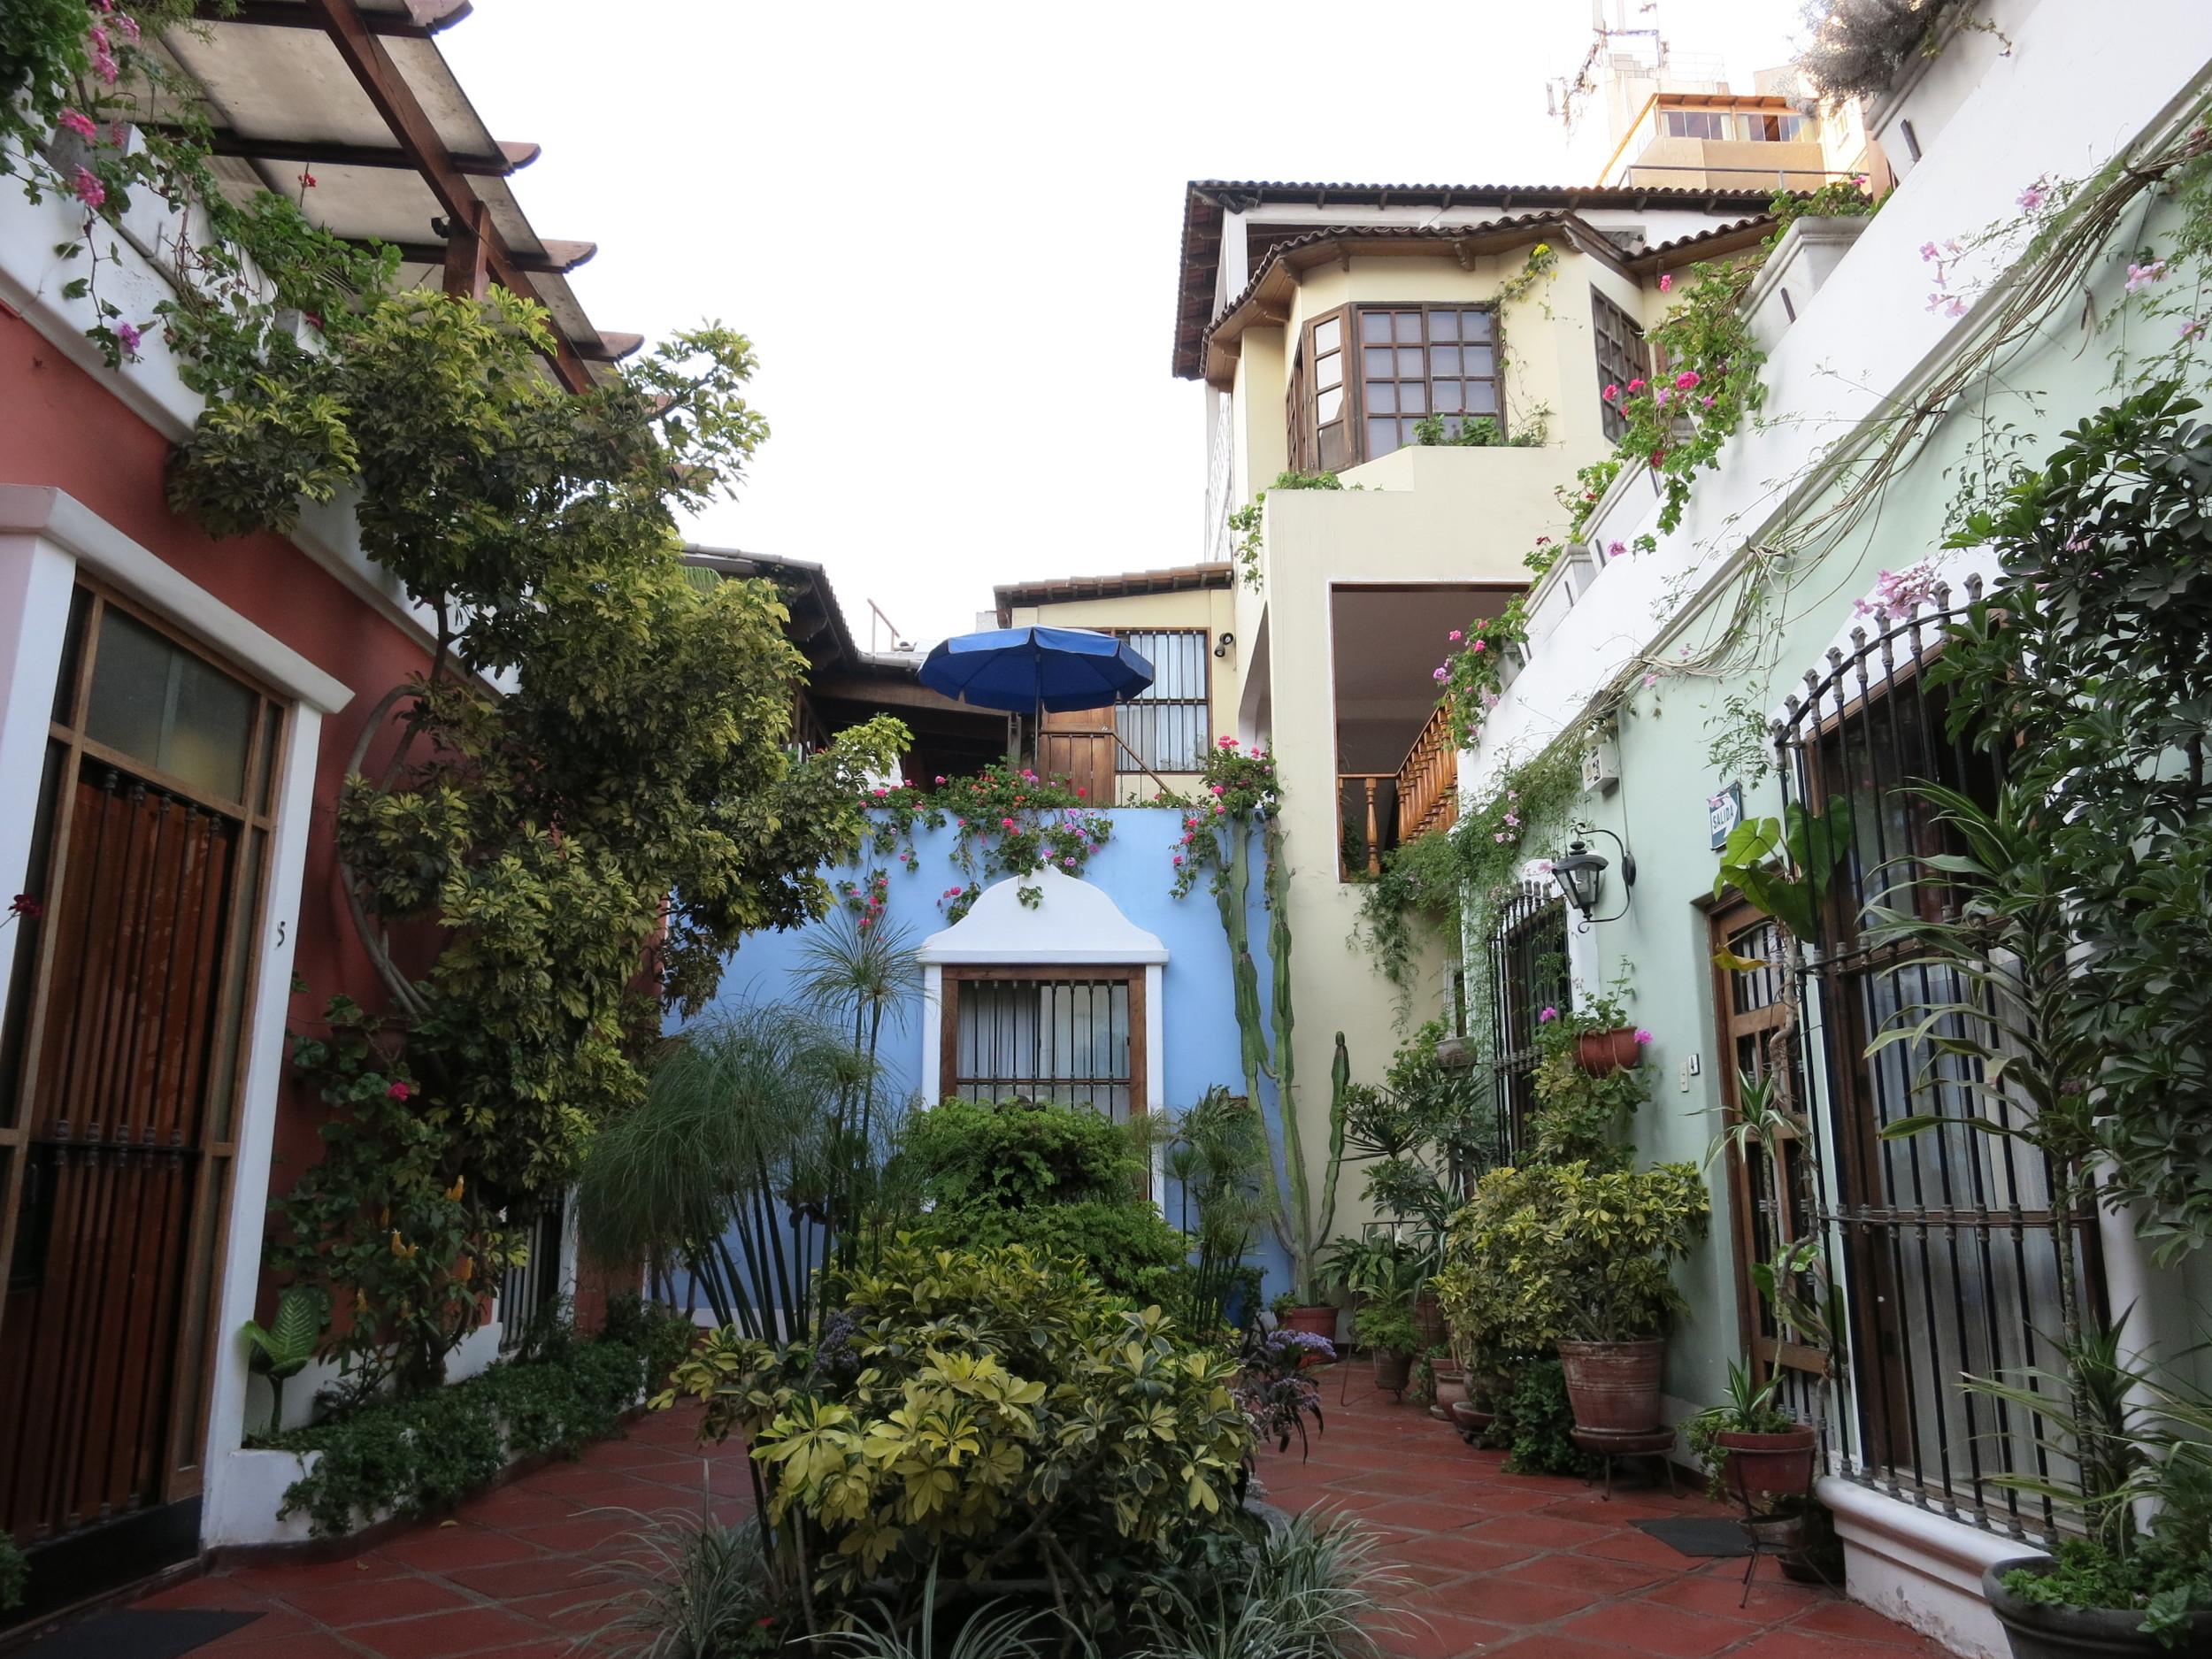 Our charming Hotel el Patio garden